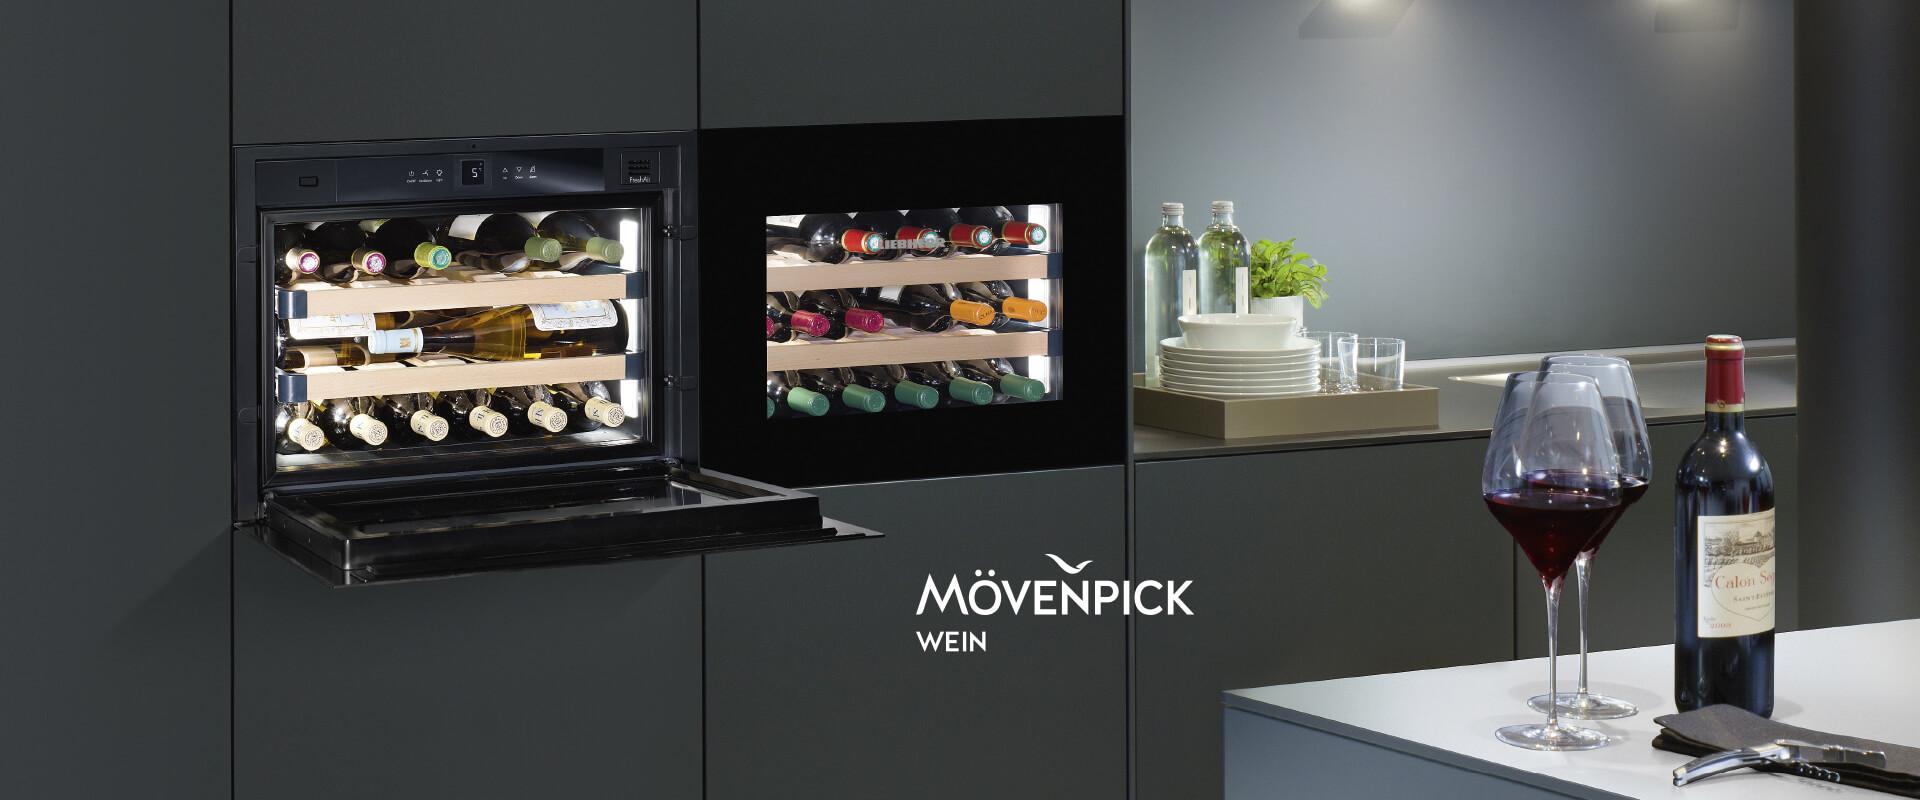 Moevenpick-Bild-promo